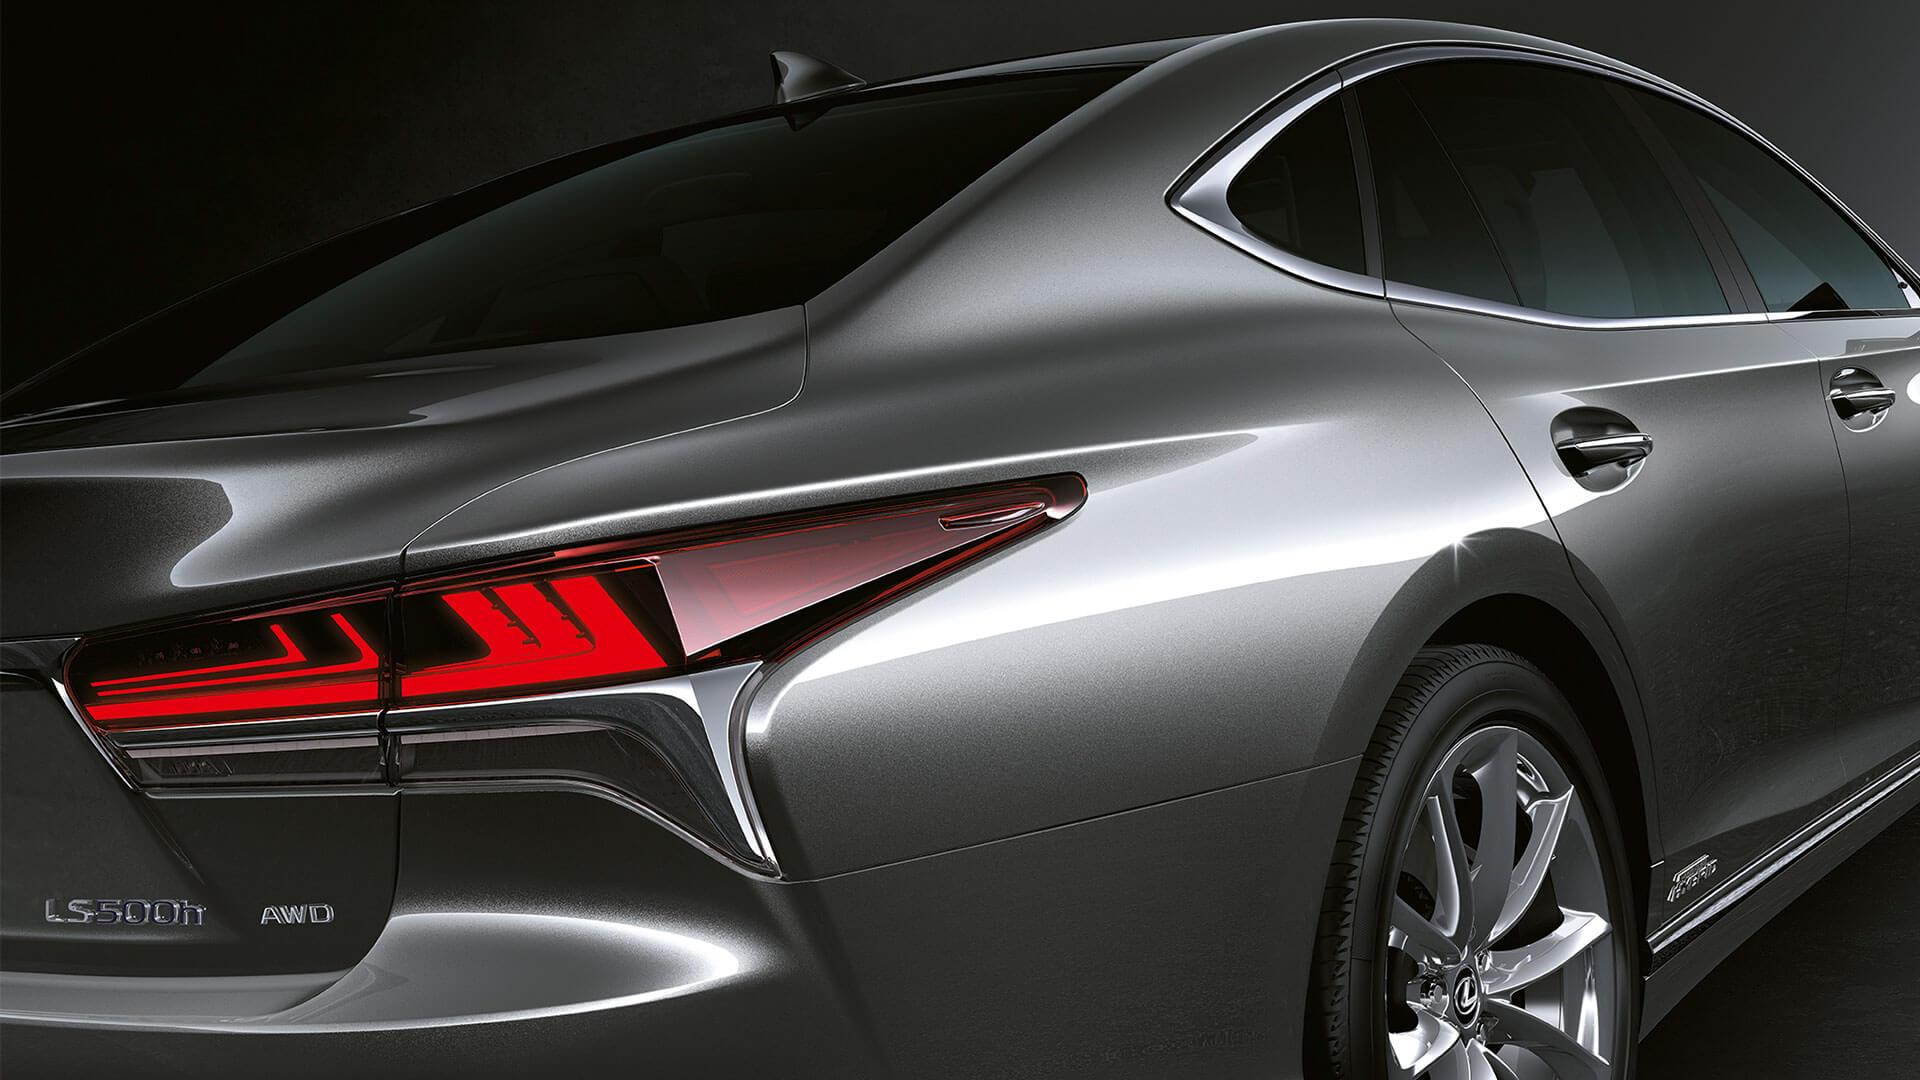 2018 lexus ls features led rear combination lights